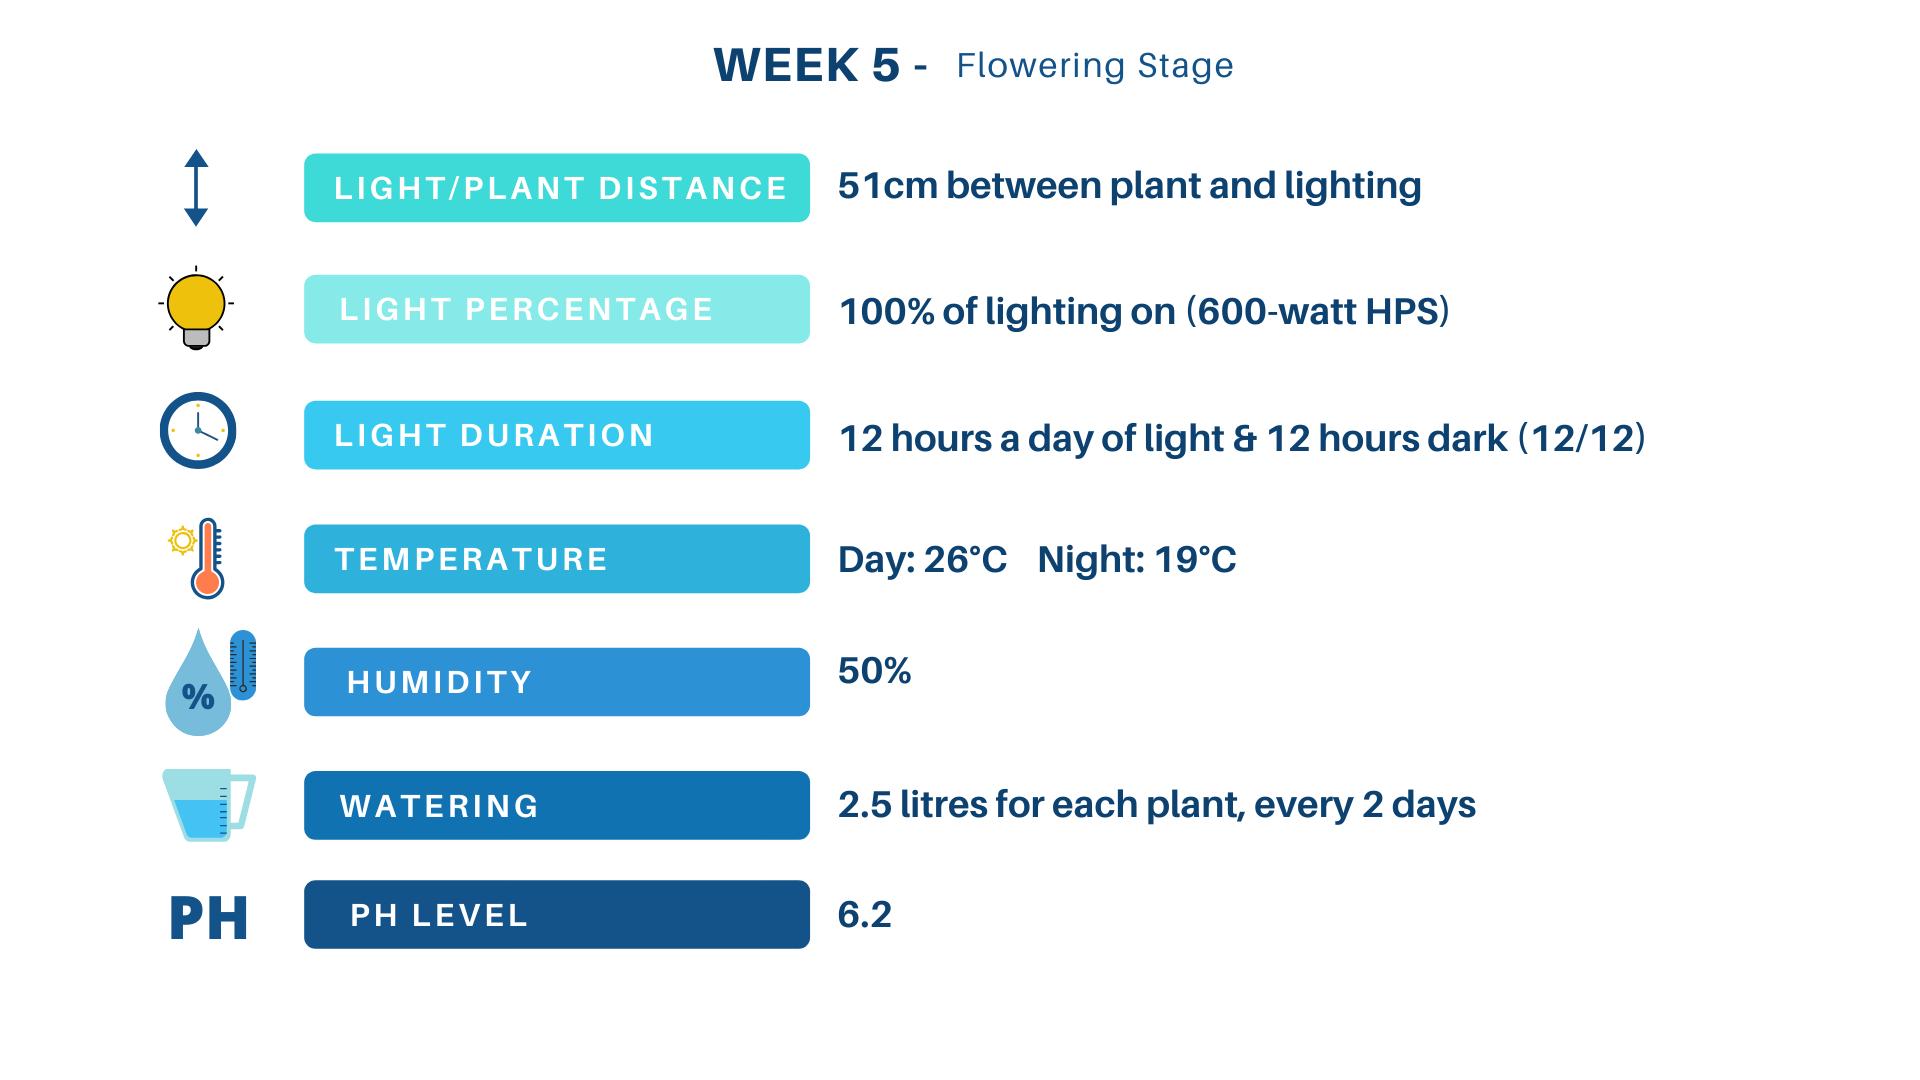 Grow schedule week 5 flowering stage